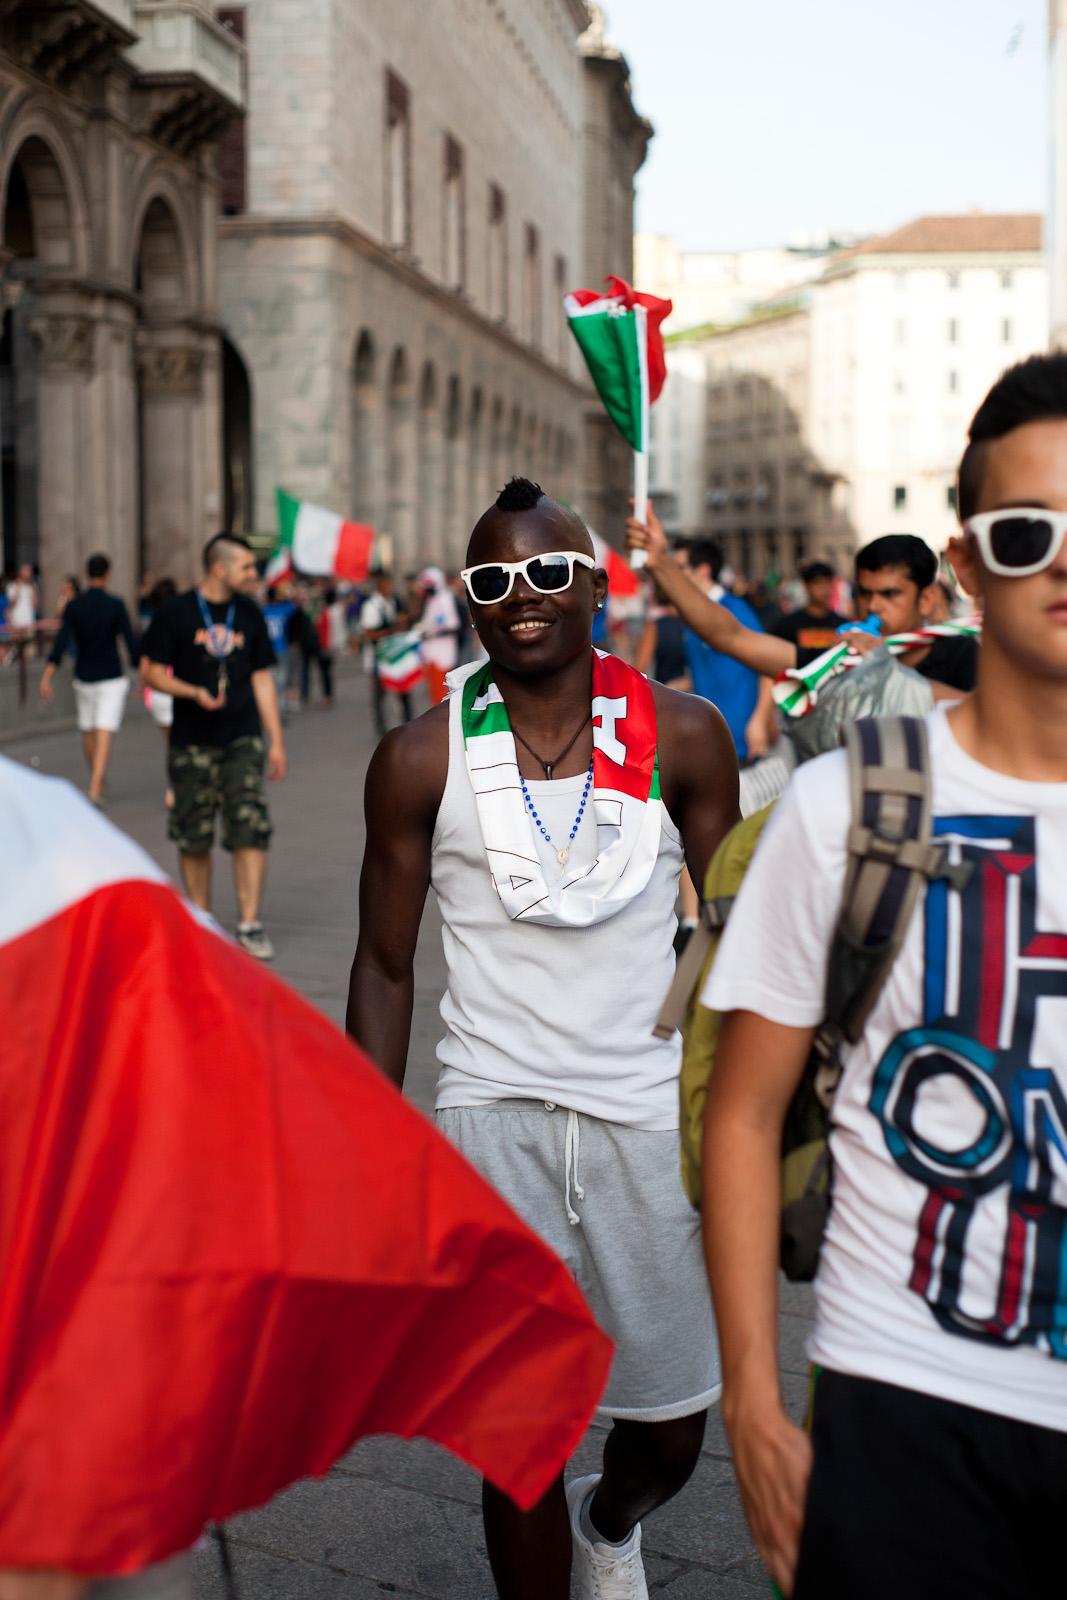 The Balotelli's Italy